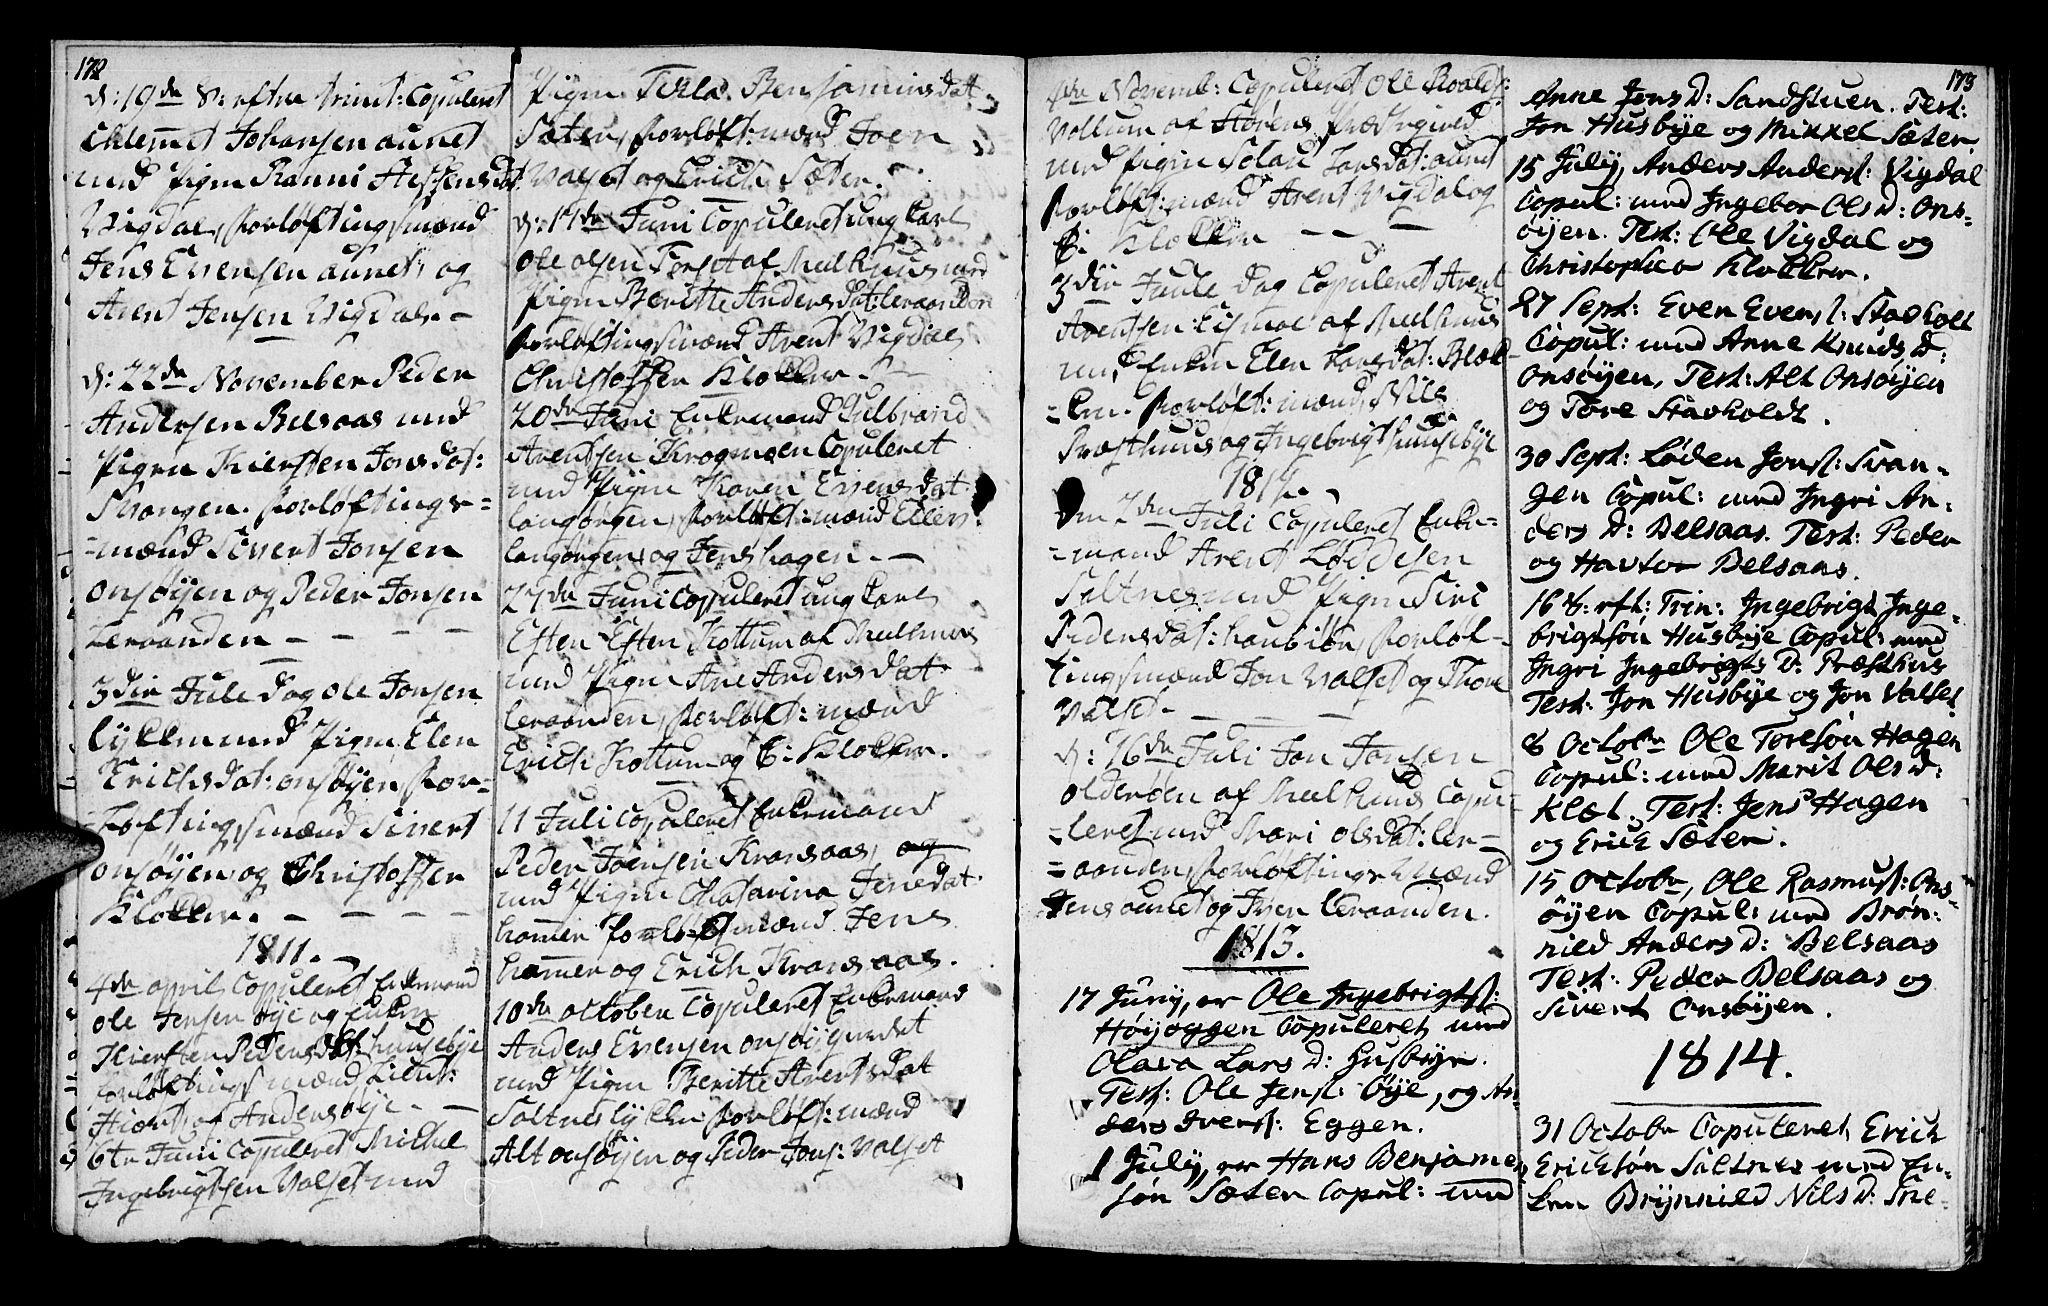 SAT, Ministerialprotokoller, klokkerbøker og fødselsregistre - Sør-Trøndelag, 666/L0785: Ministerialbok nr. 666A03, 1803-1816, s. 172-173